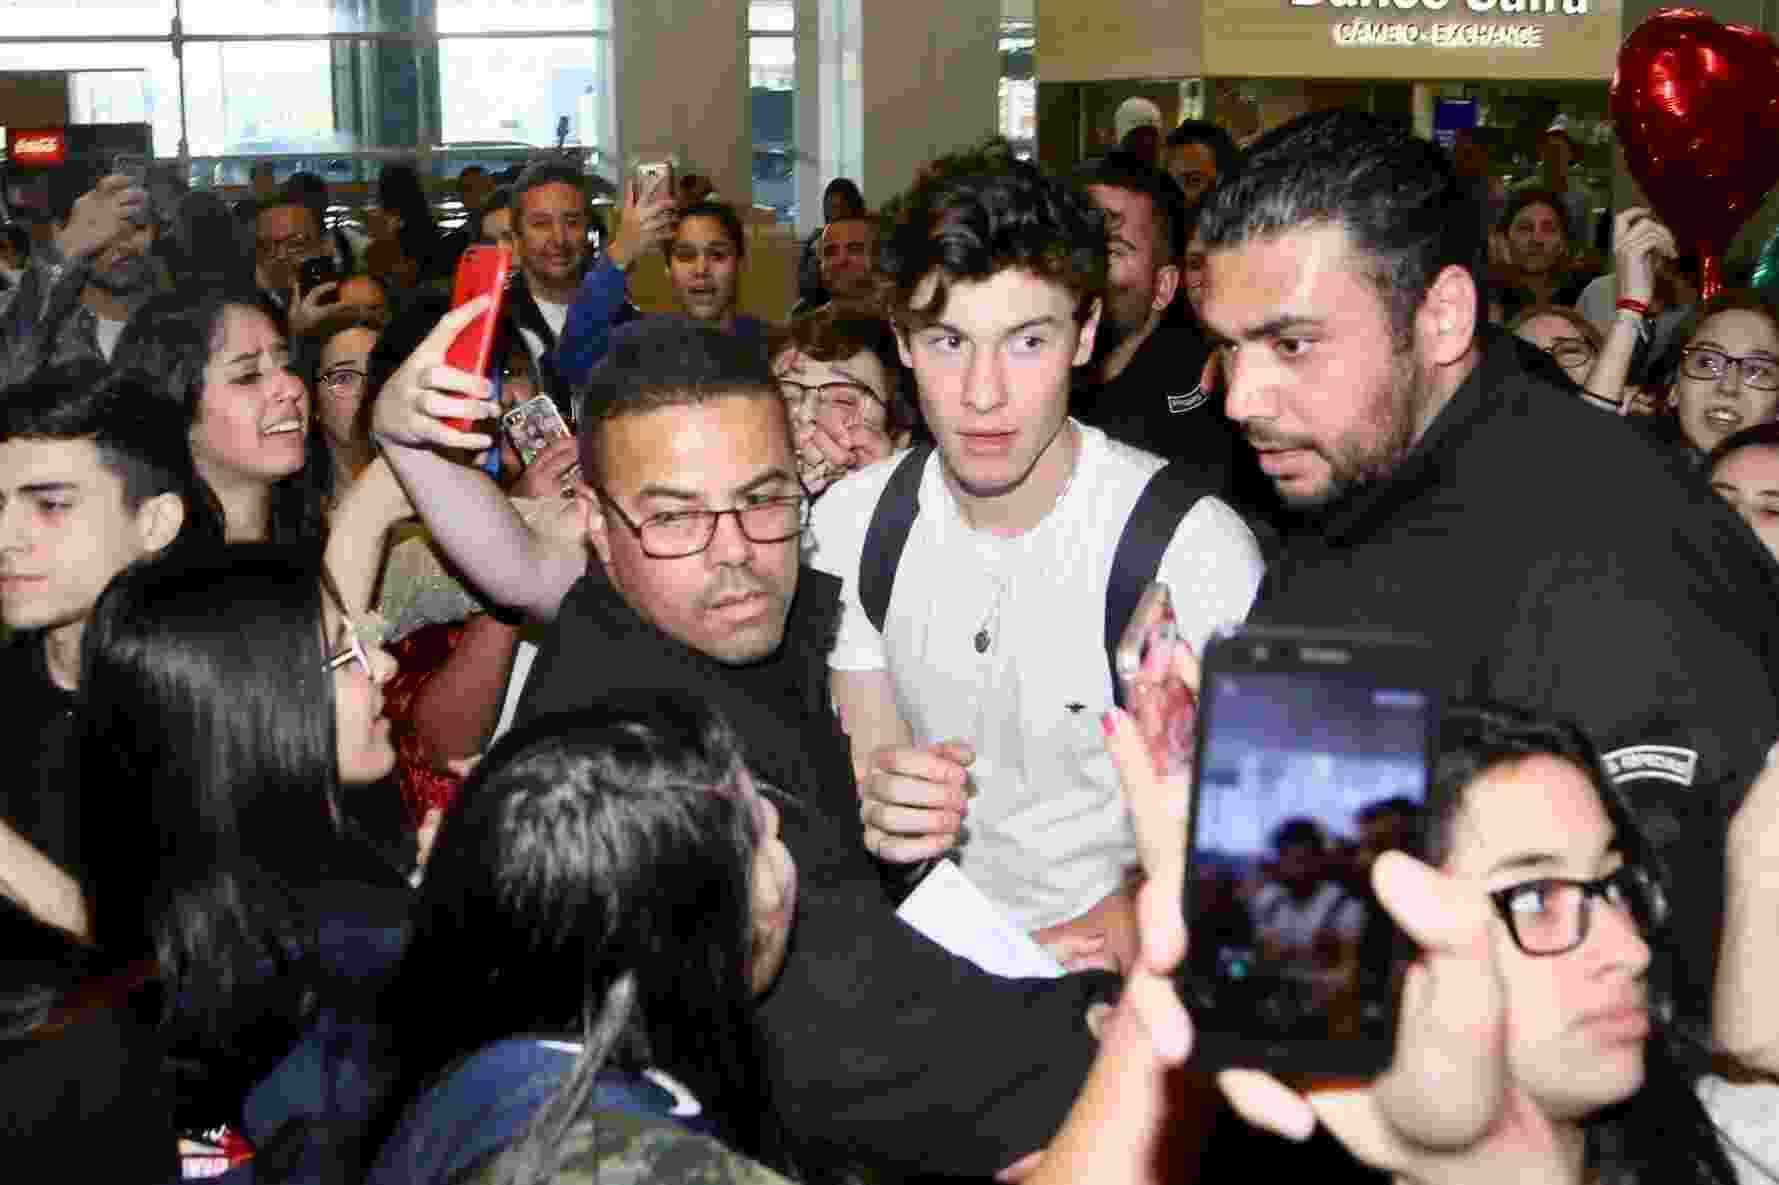 Sob tumulto, Shawn Mendes desembarca no aeroporto de Guarulhos, em São Paulo. O cantor canadense se apresenta no VillaMix Festival Goiânia no domingo (1º/7) - Manuela Scarpa/Brazil News